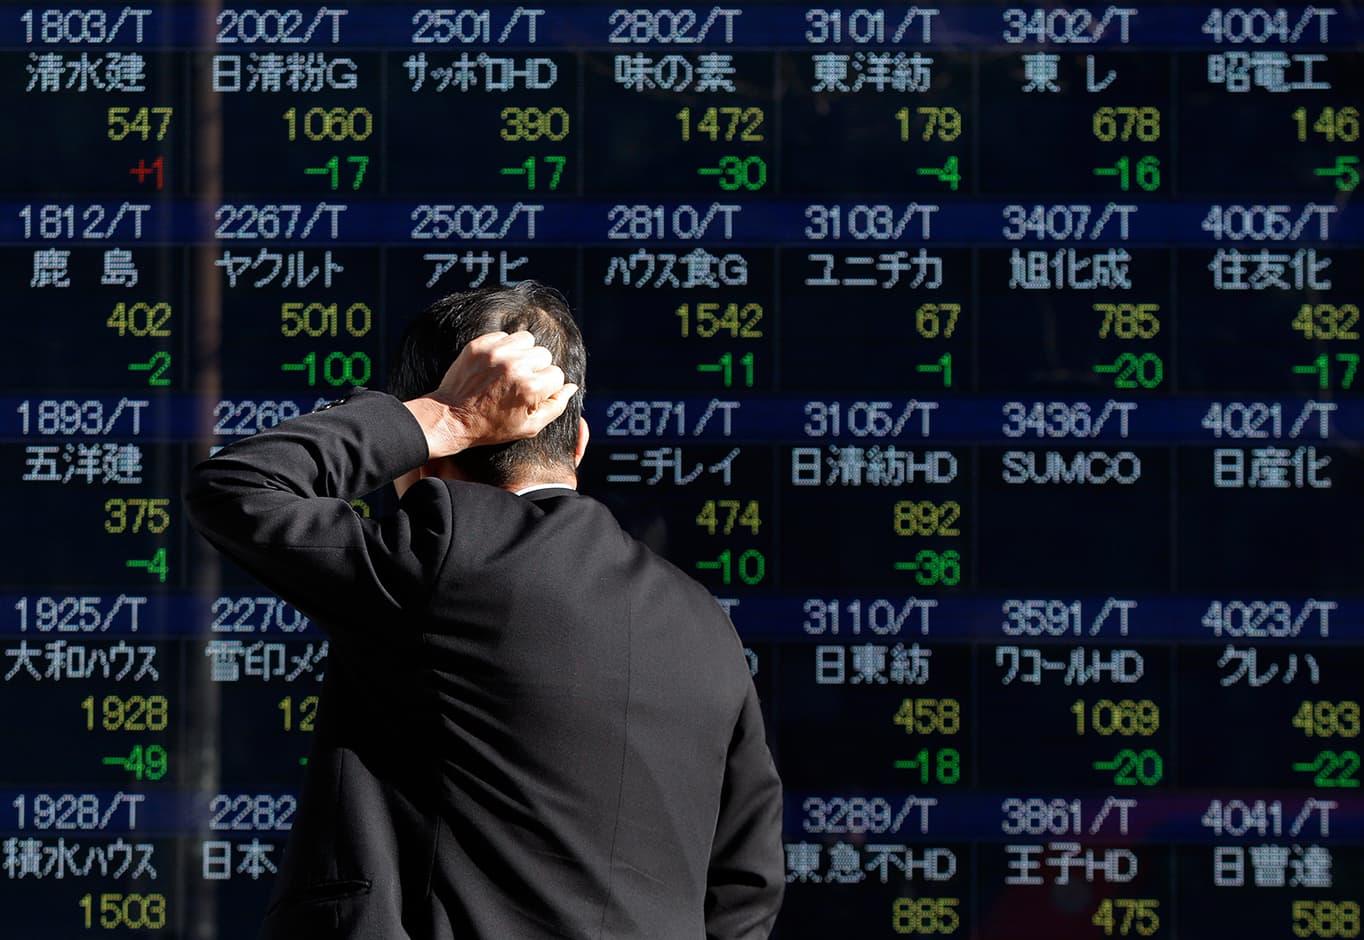 Tokion pörssikurssit laskussa tammikuussa 2014.